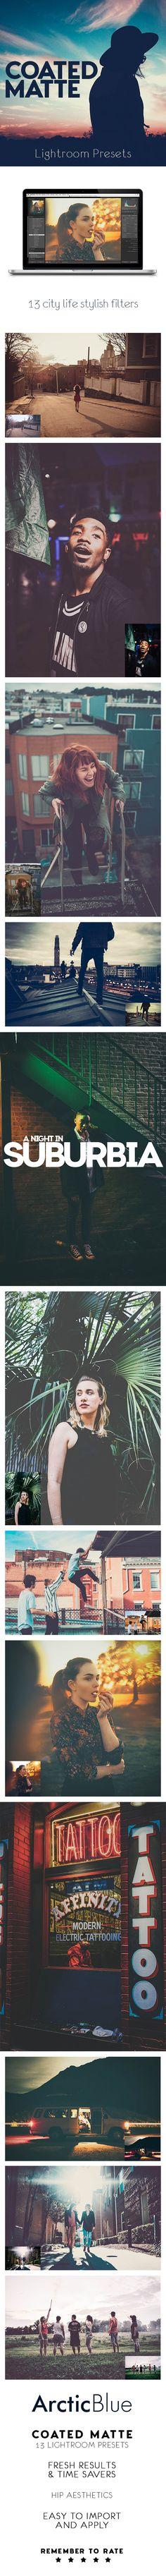 13 Coated Matte Lightroom Presets #photography Download: http://graphicriver.net/item/coated-matte-lightroom-presets/13376320?ref=ksioks